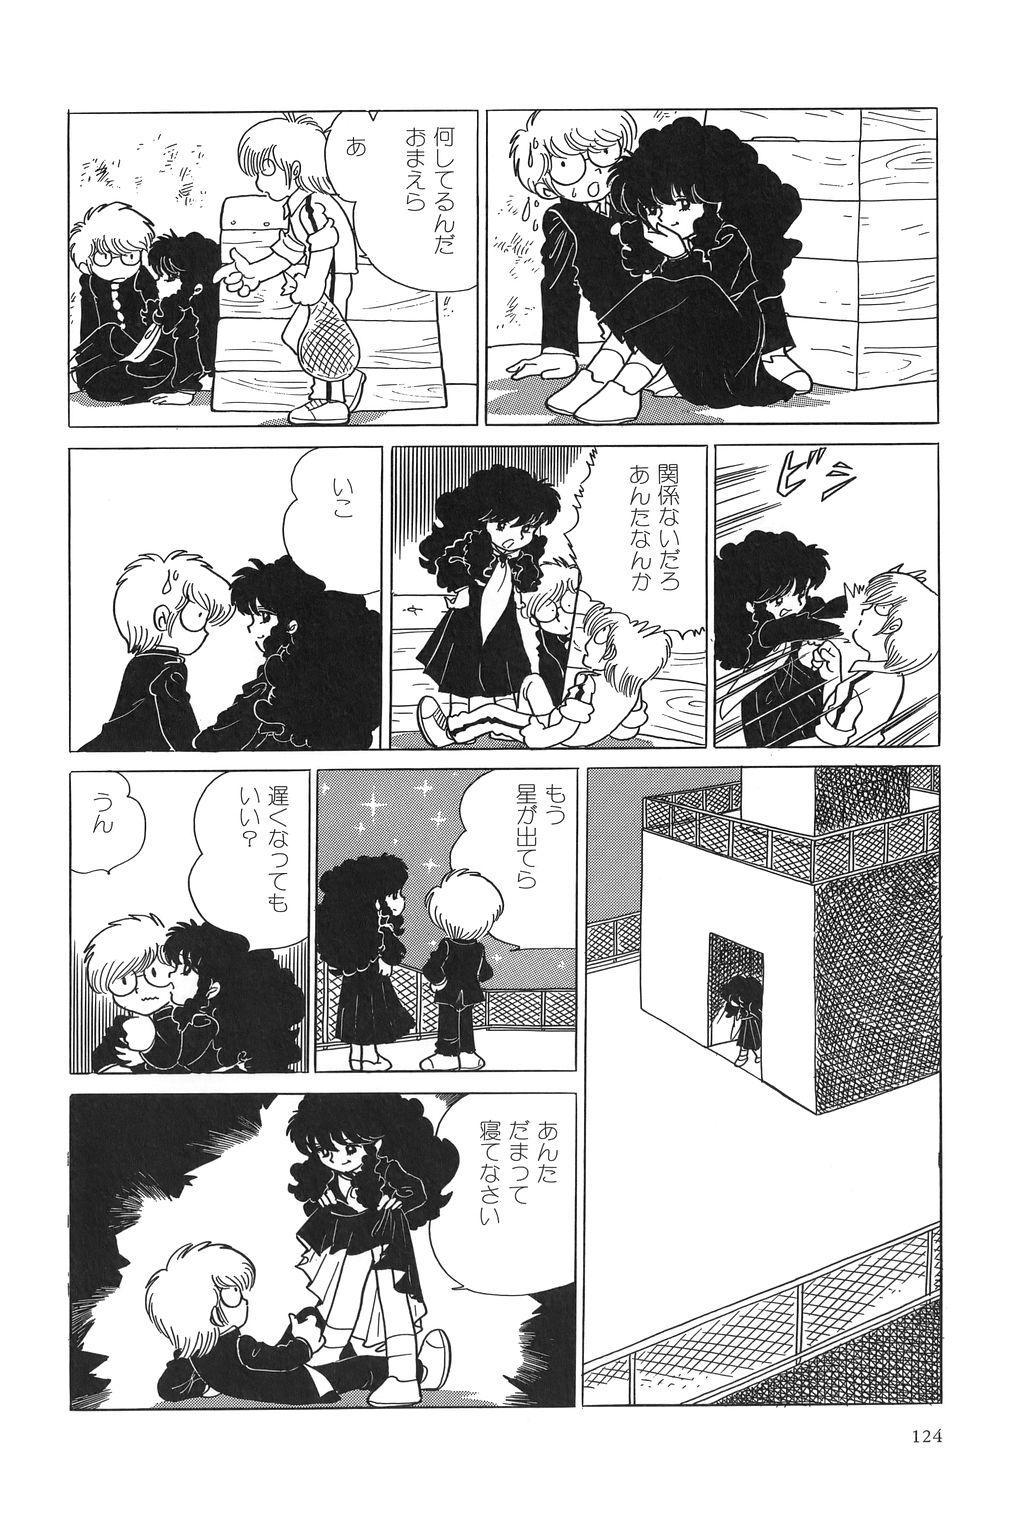 Azuma Hideo Sakuhin Shuusei - Yoru no Tobari no Naka de 126